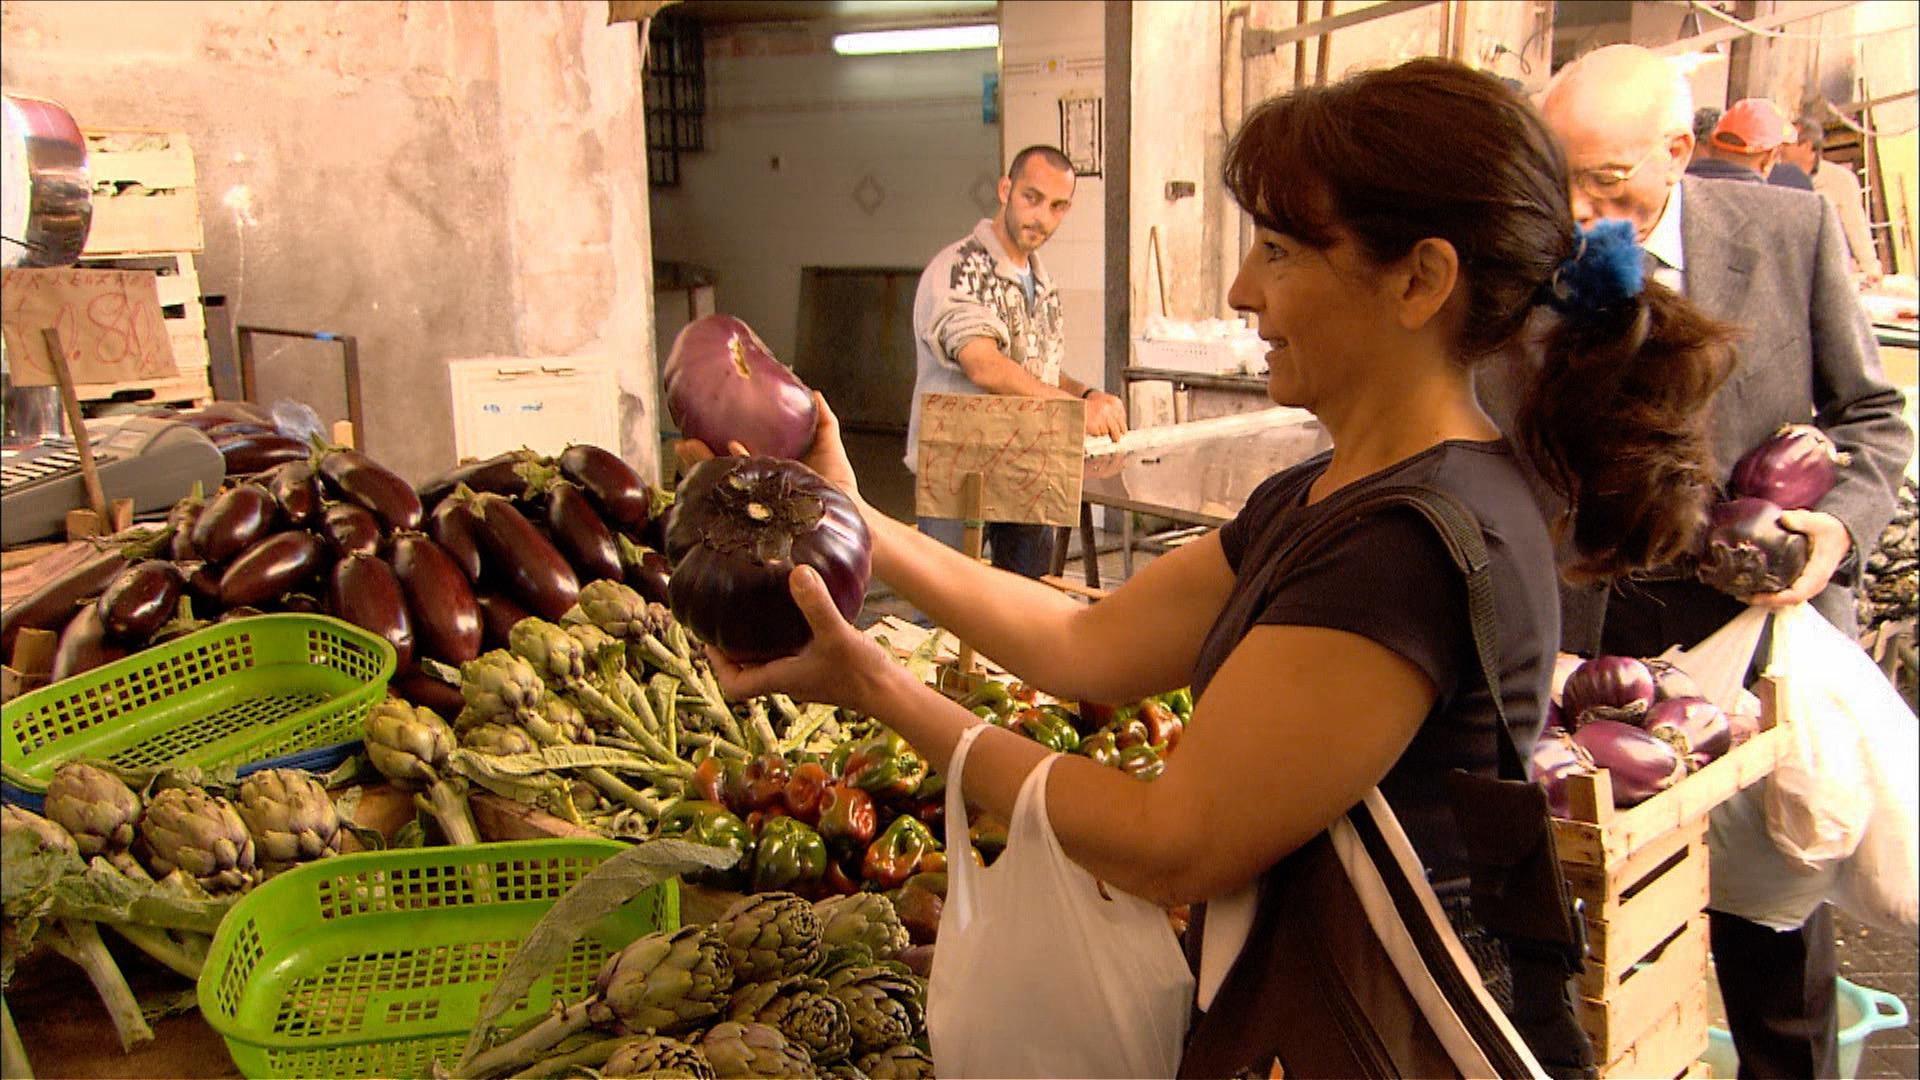 FFOTW_204_sabrina with eggplant.jpg